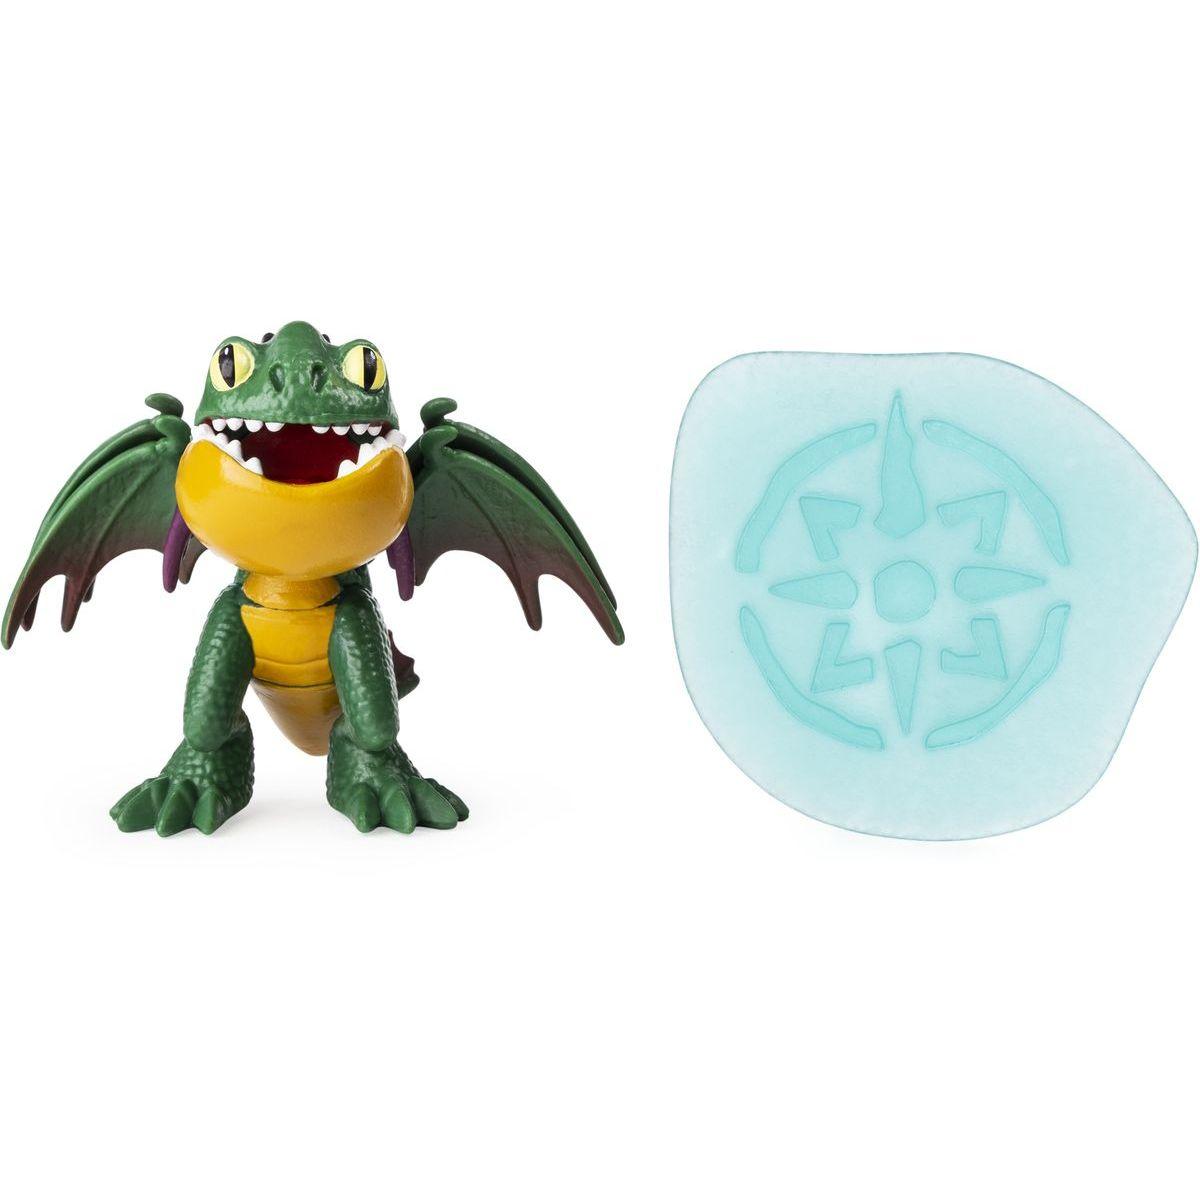 Jak vycvičit draka Draci malé figurky hrdinů Deadly Galewind